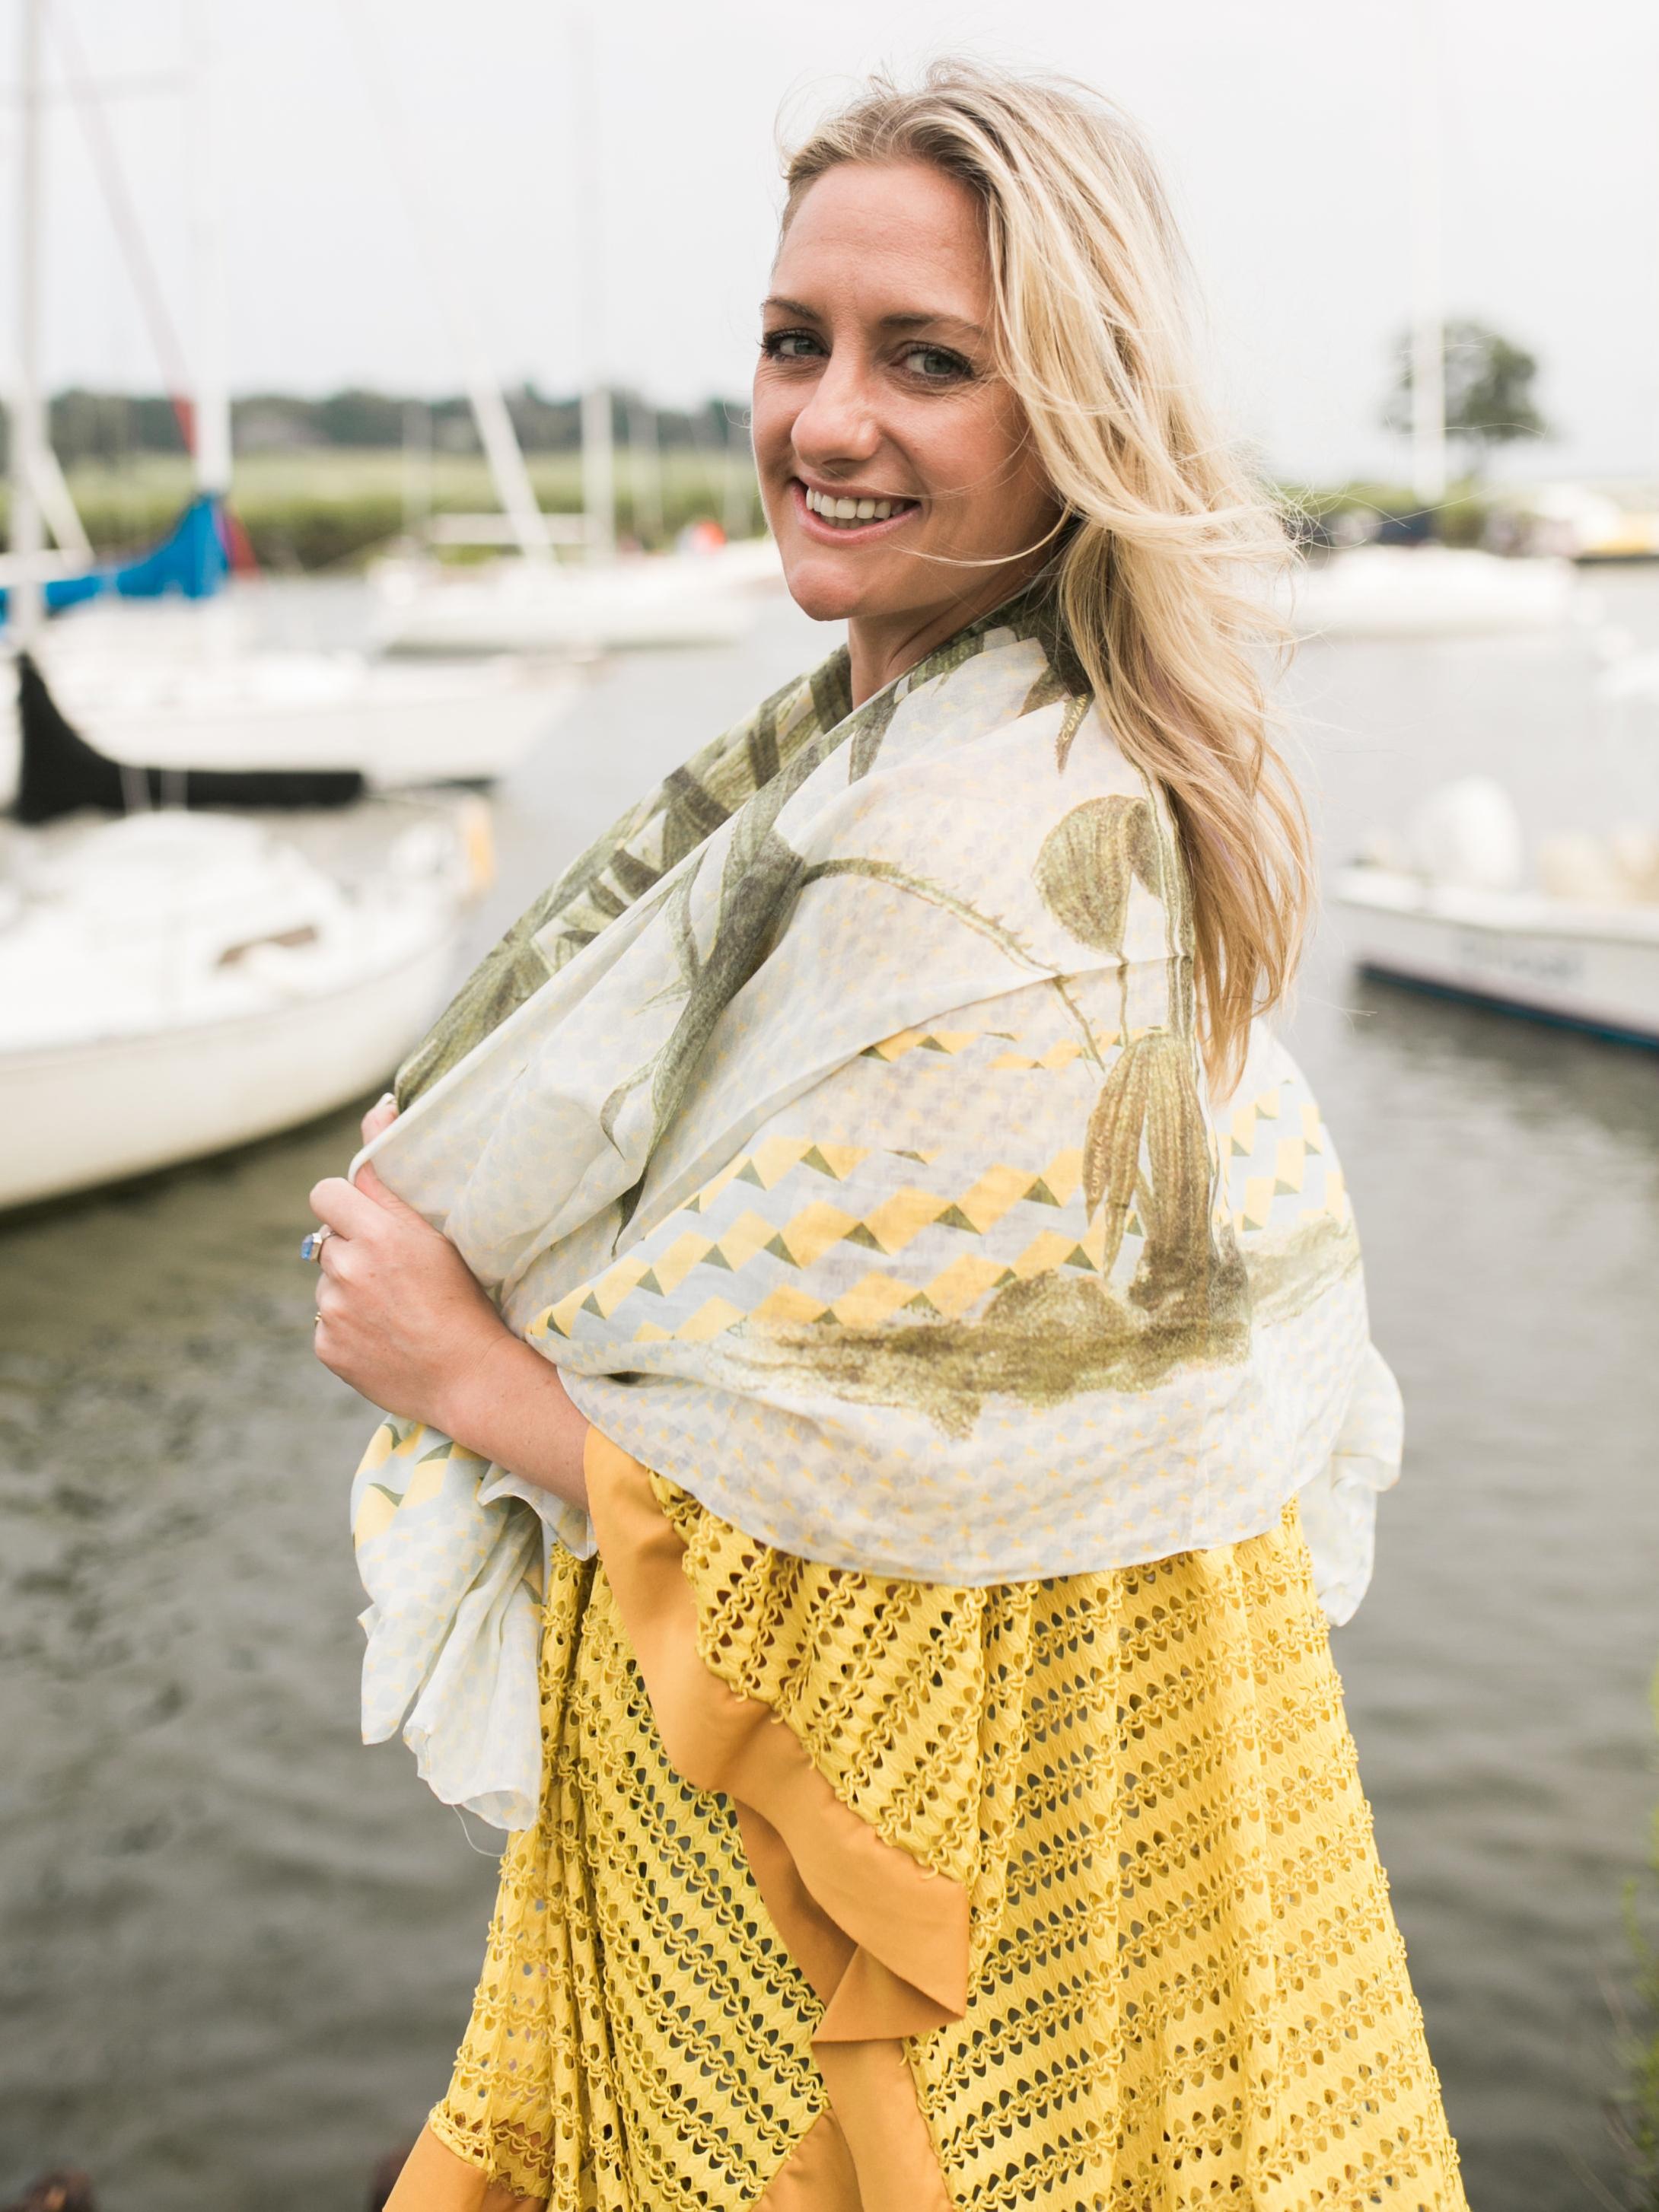 Jenn, Model (Aug '17)